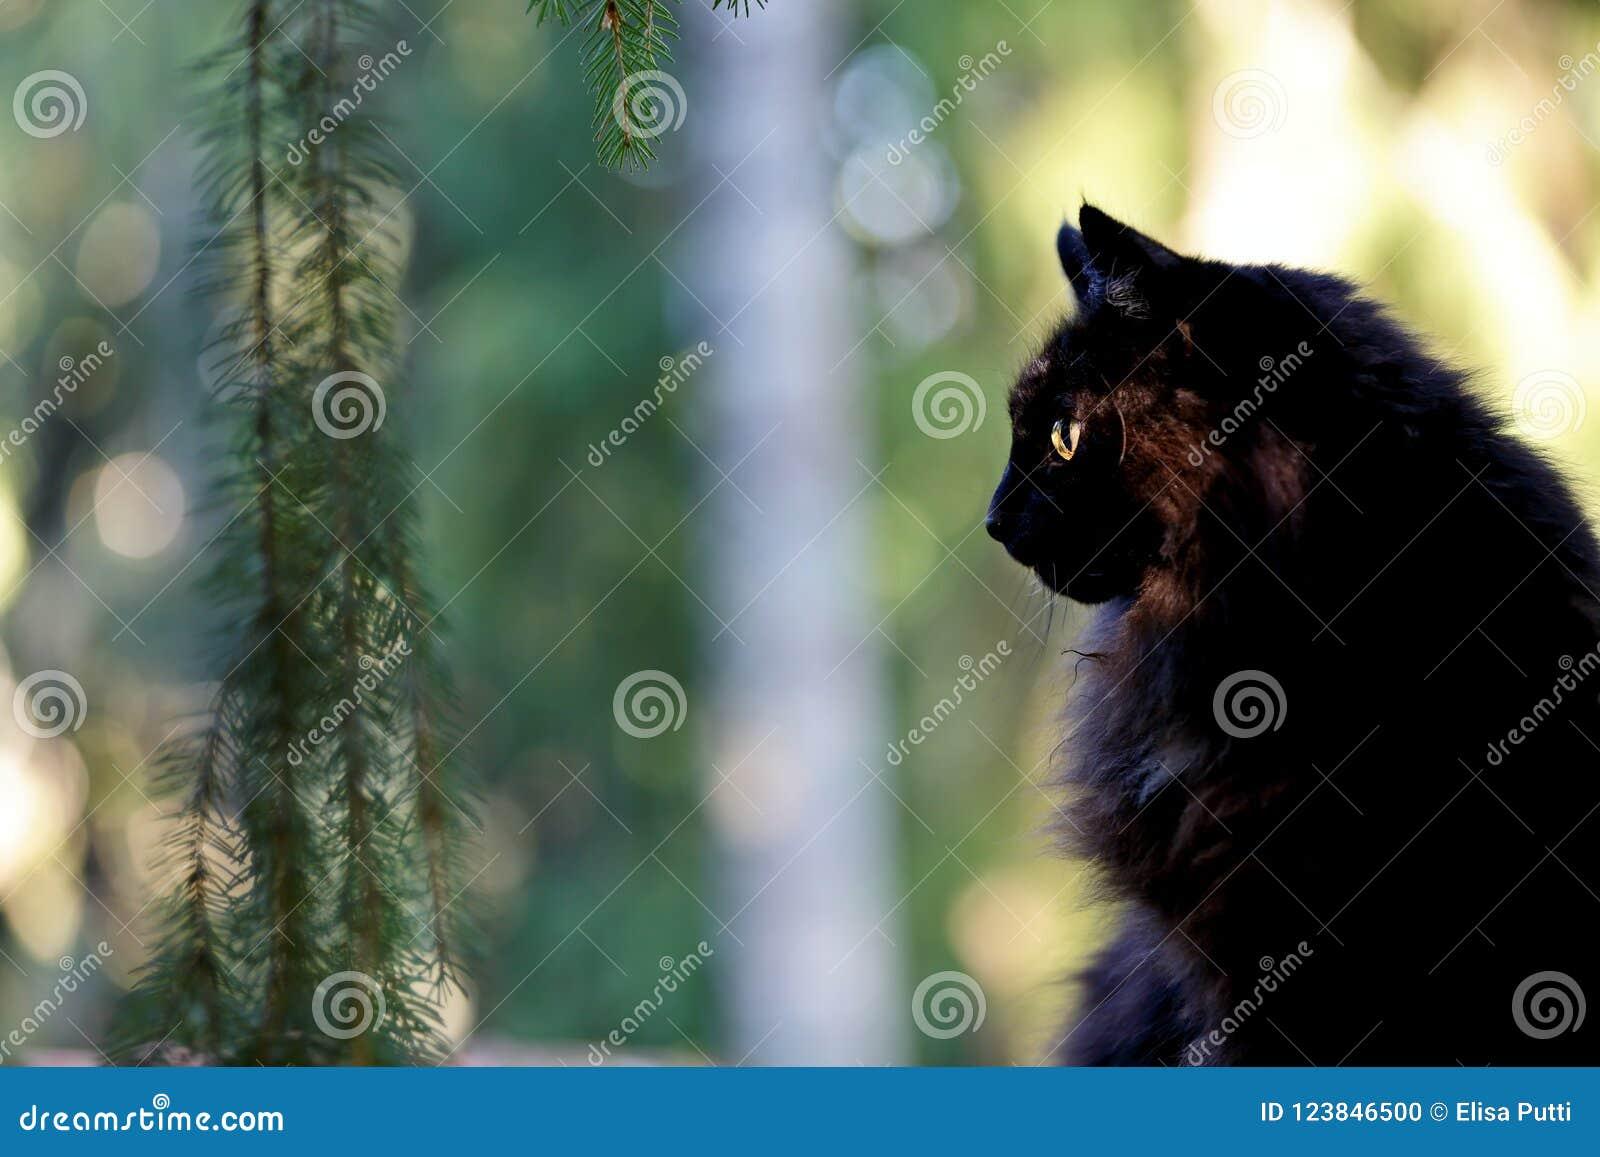 Gatto norvegese nero della foresta in foresta fotografia for Gatto della foresta norvegese